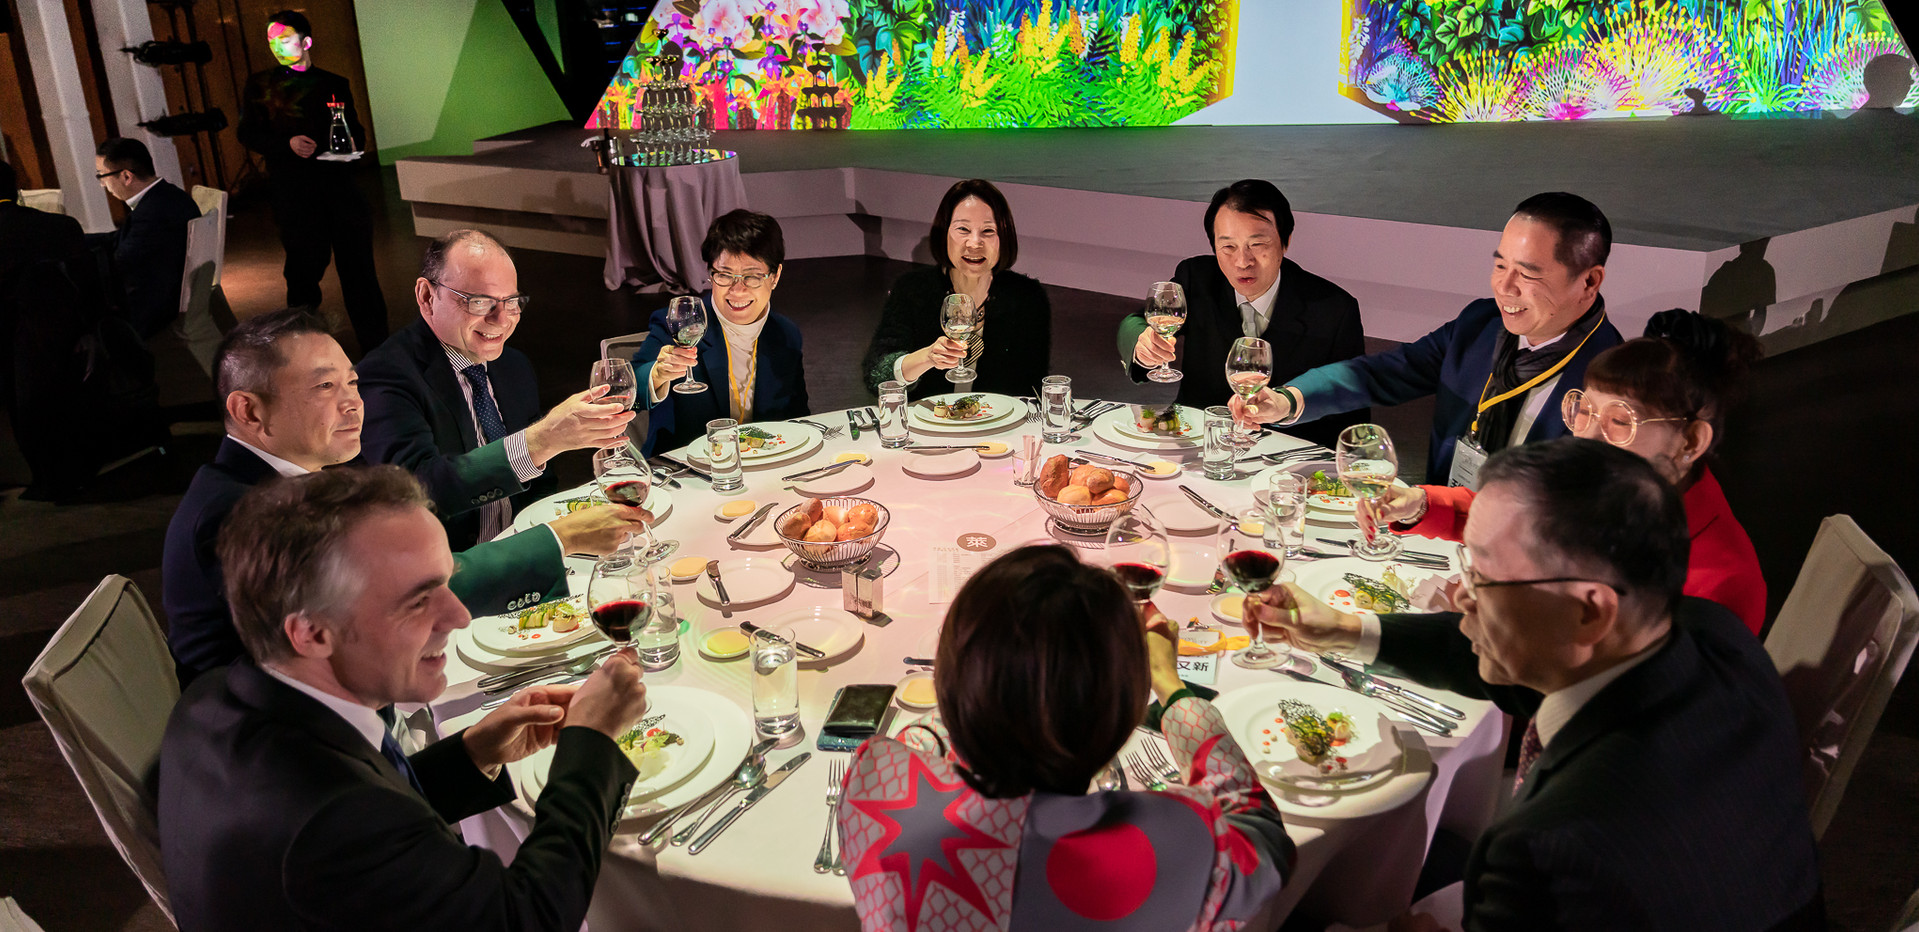 精華搶先報0177-2019_01_24-萊雅共享美麗永續論壇暨晚宴.jpg